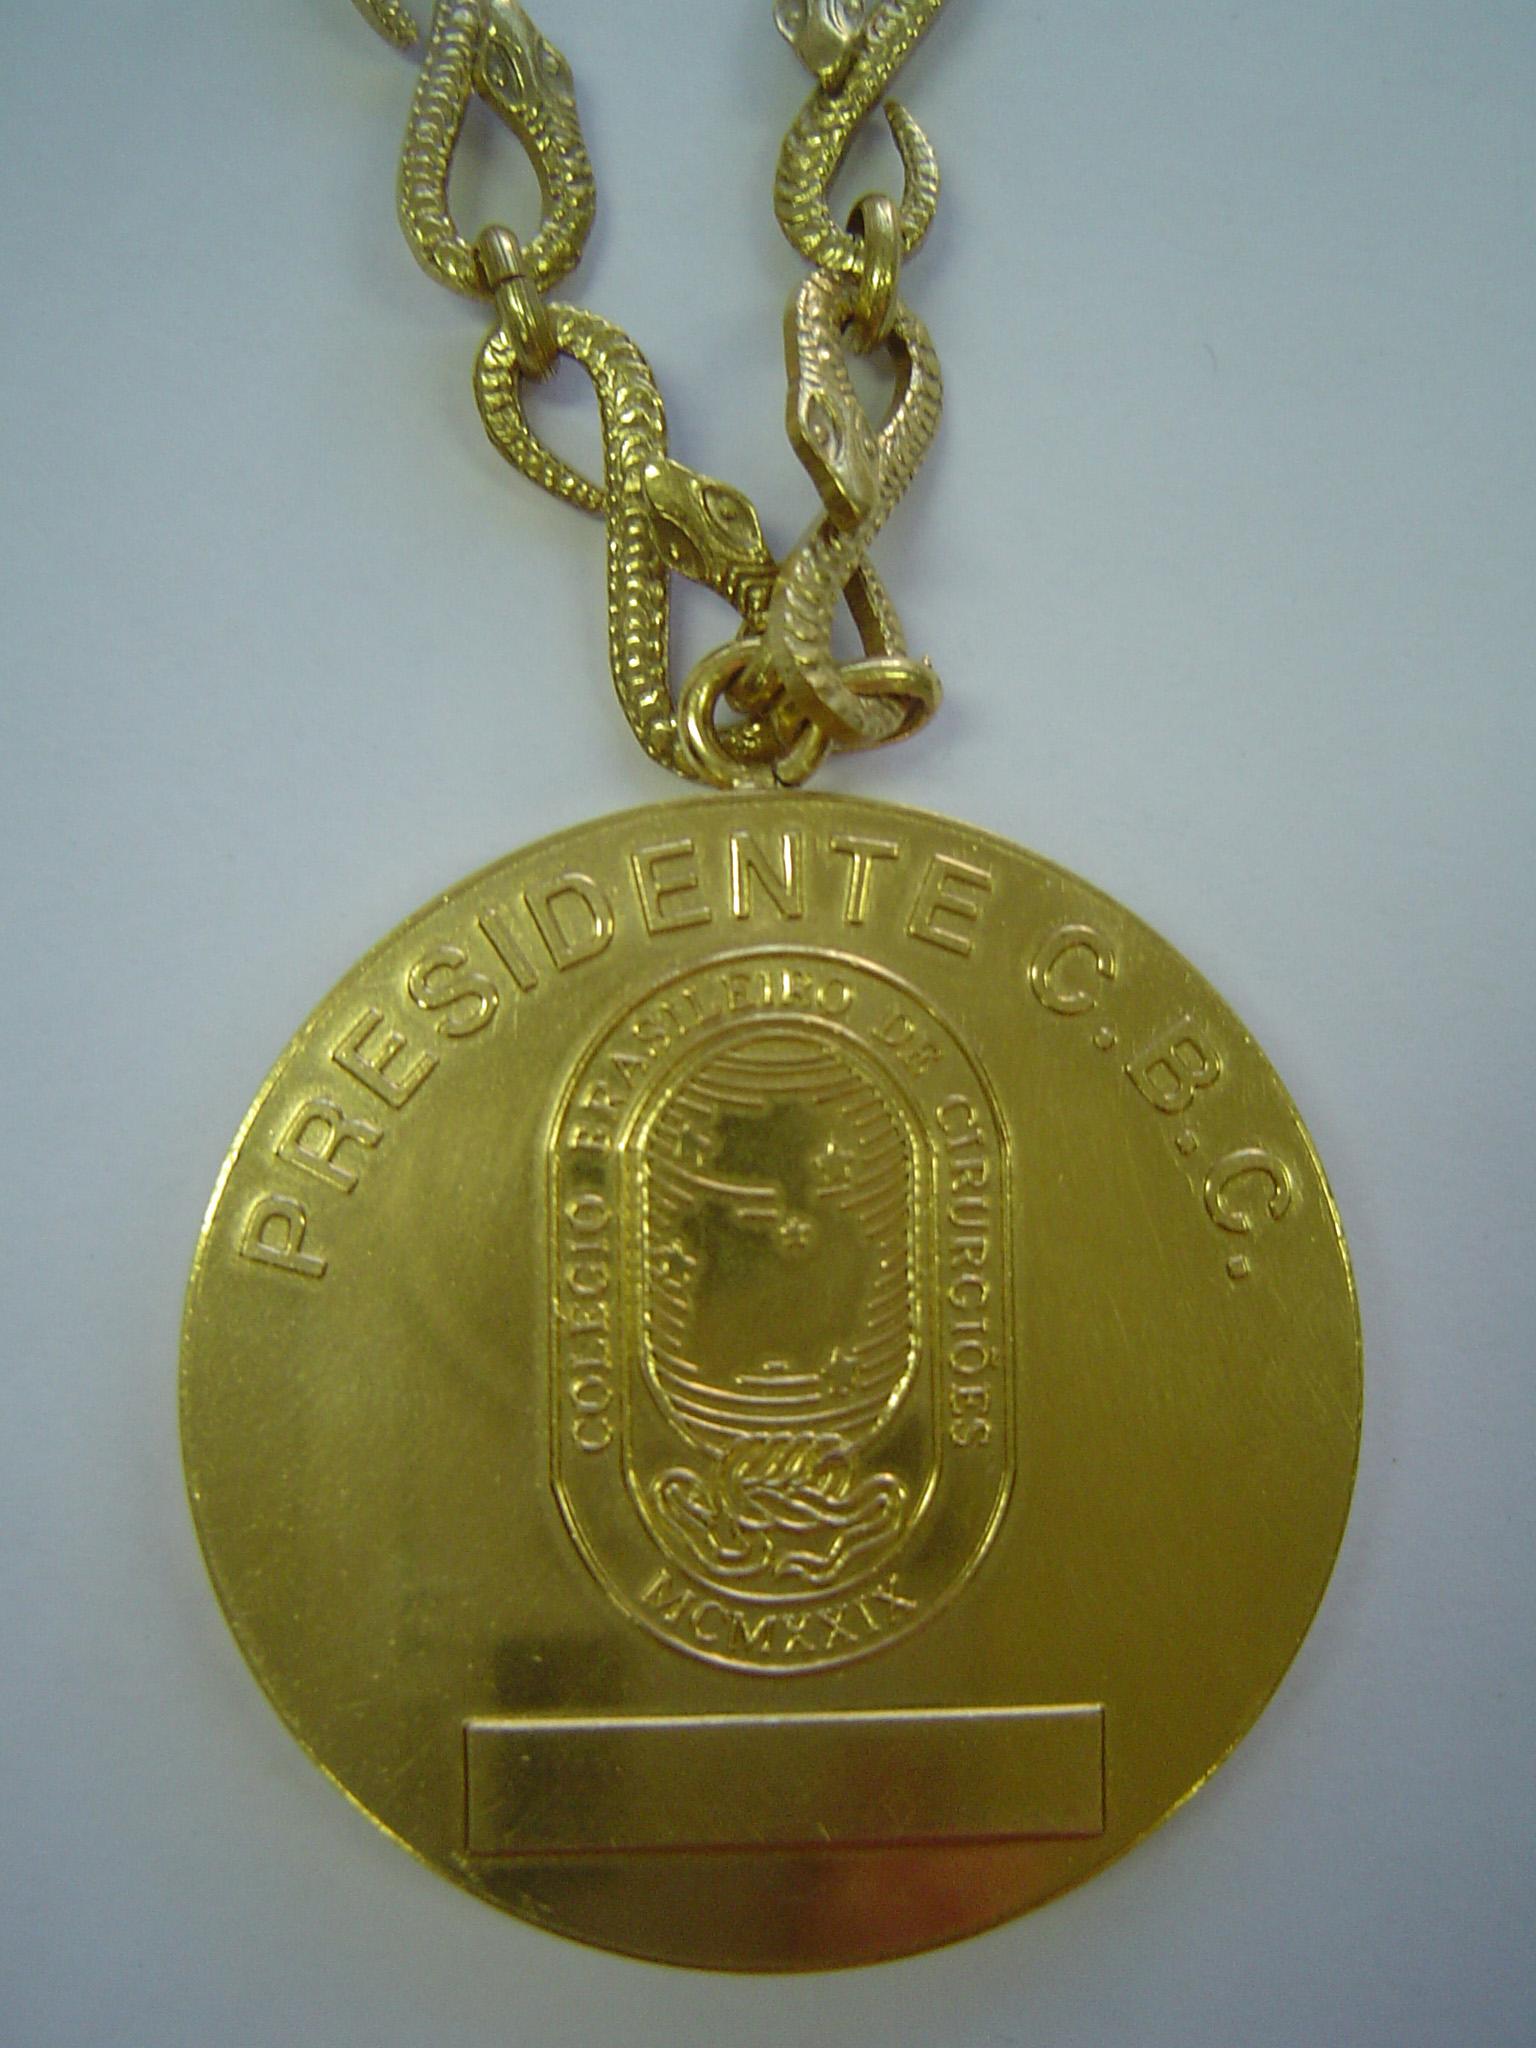 Medalha de Ex-Presidente